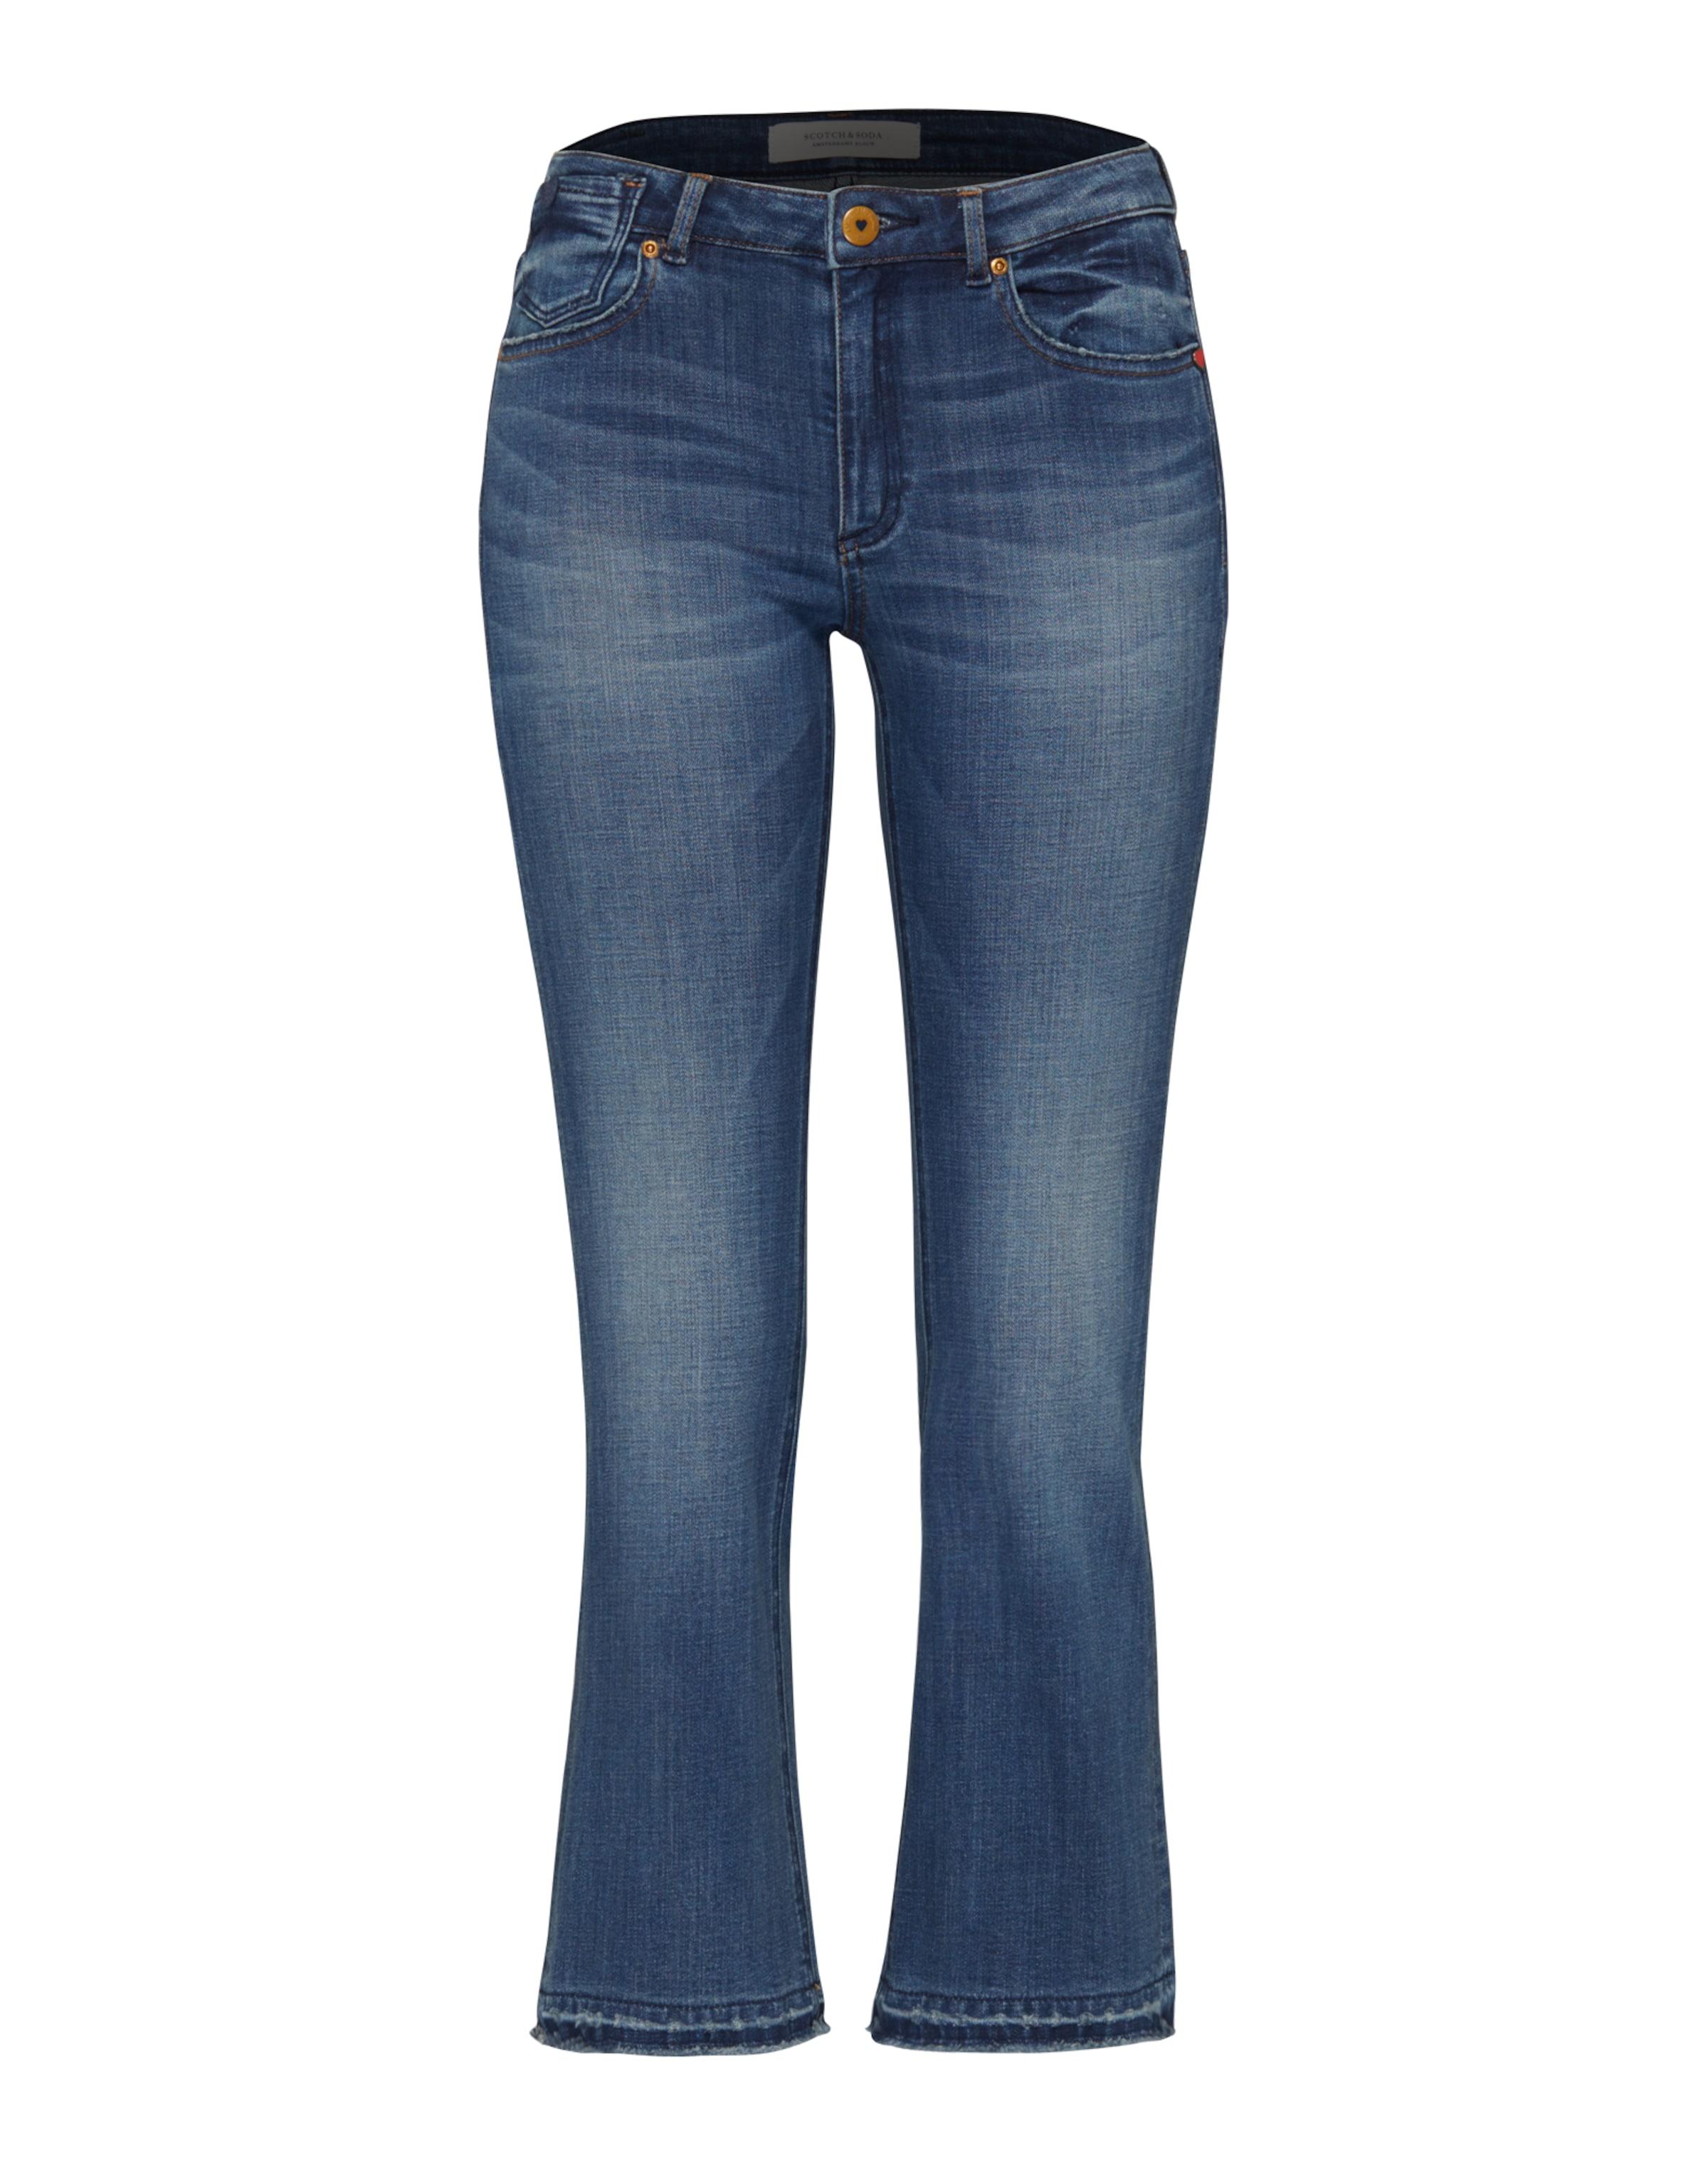 SCOTCH & SODA 'Grace Spirit' Flared Jeans Freies Verschiffen Die Besten Preise Gute Qualität Visa-Zahlung Günstiger Preis vZeXRyNH